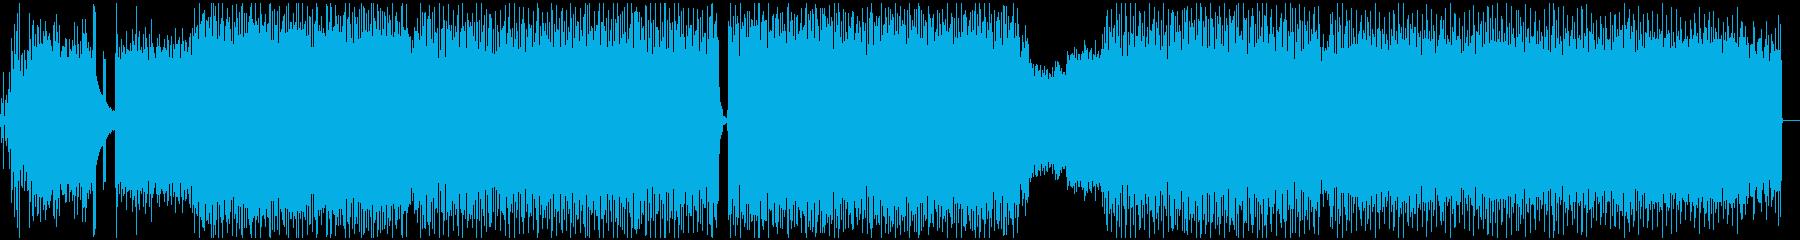 テクノ調ピアノトラックの音源ですの再生済みの波形